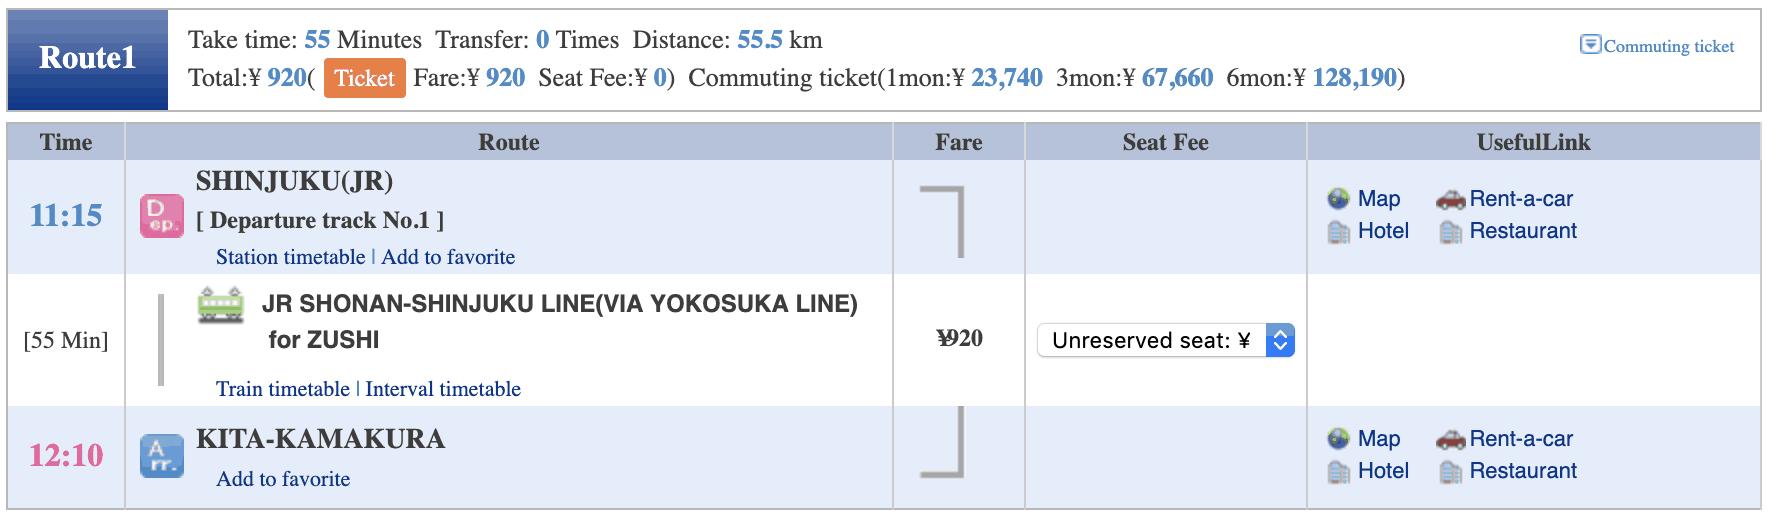 Shinjuku to Kita Kamakura